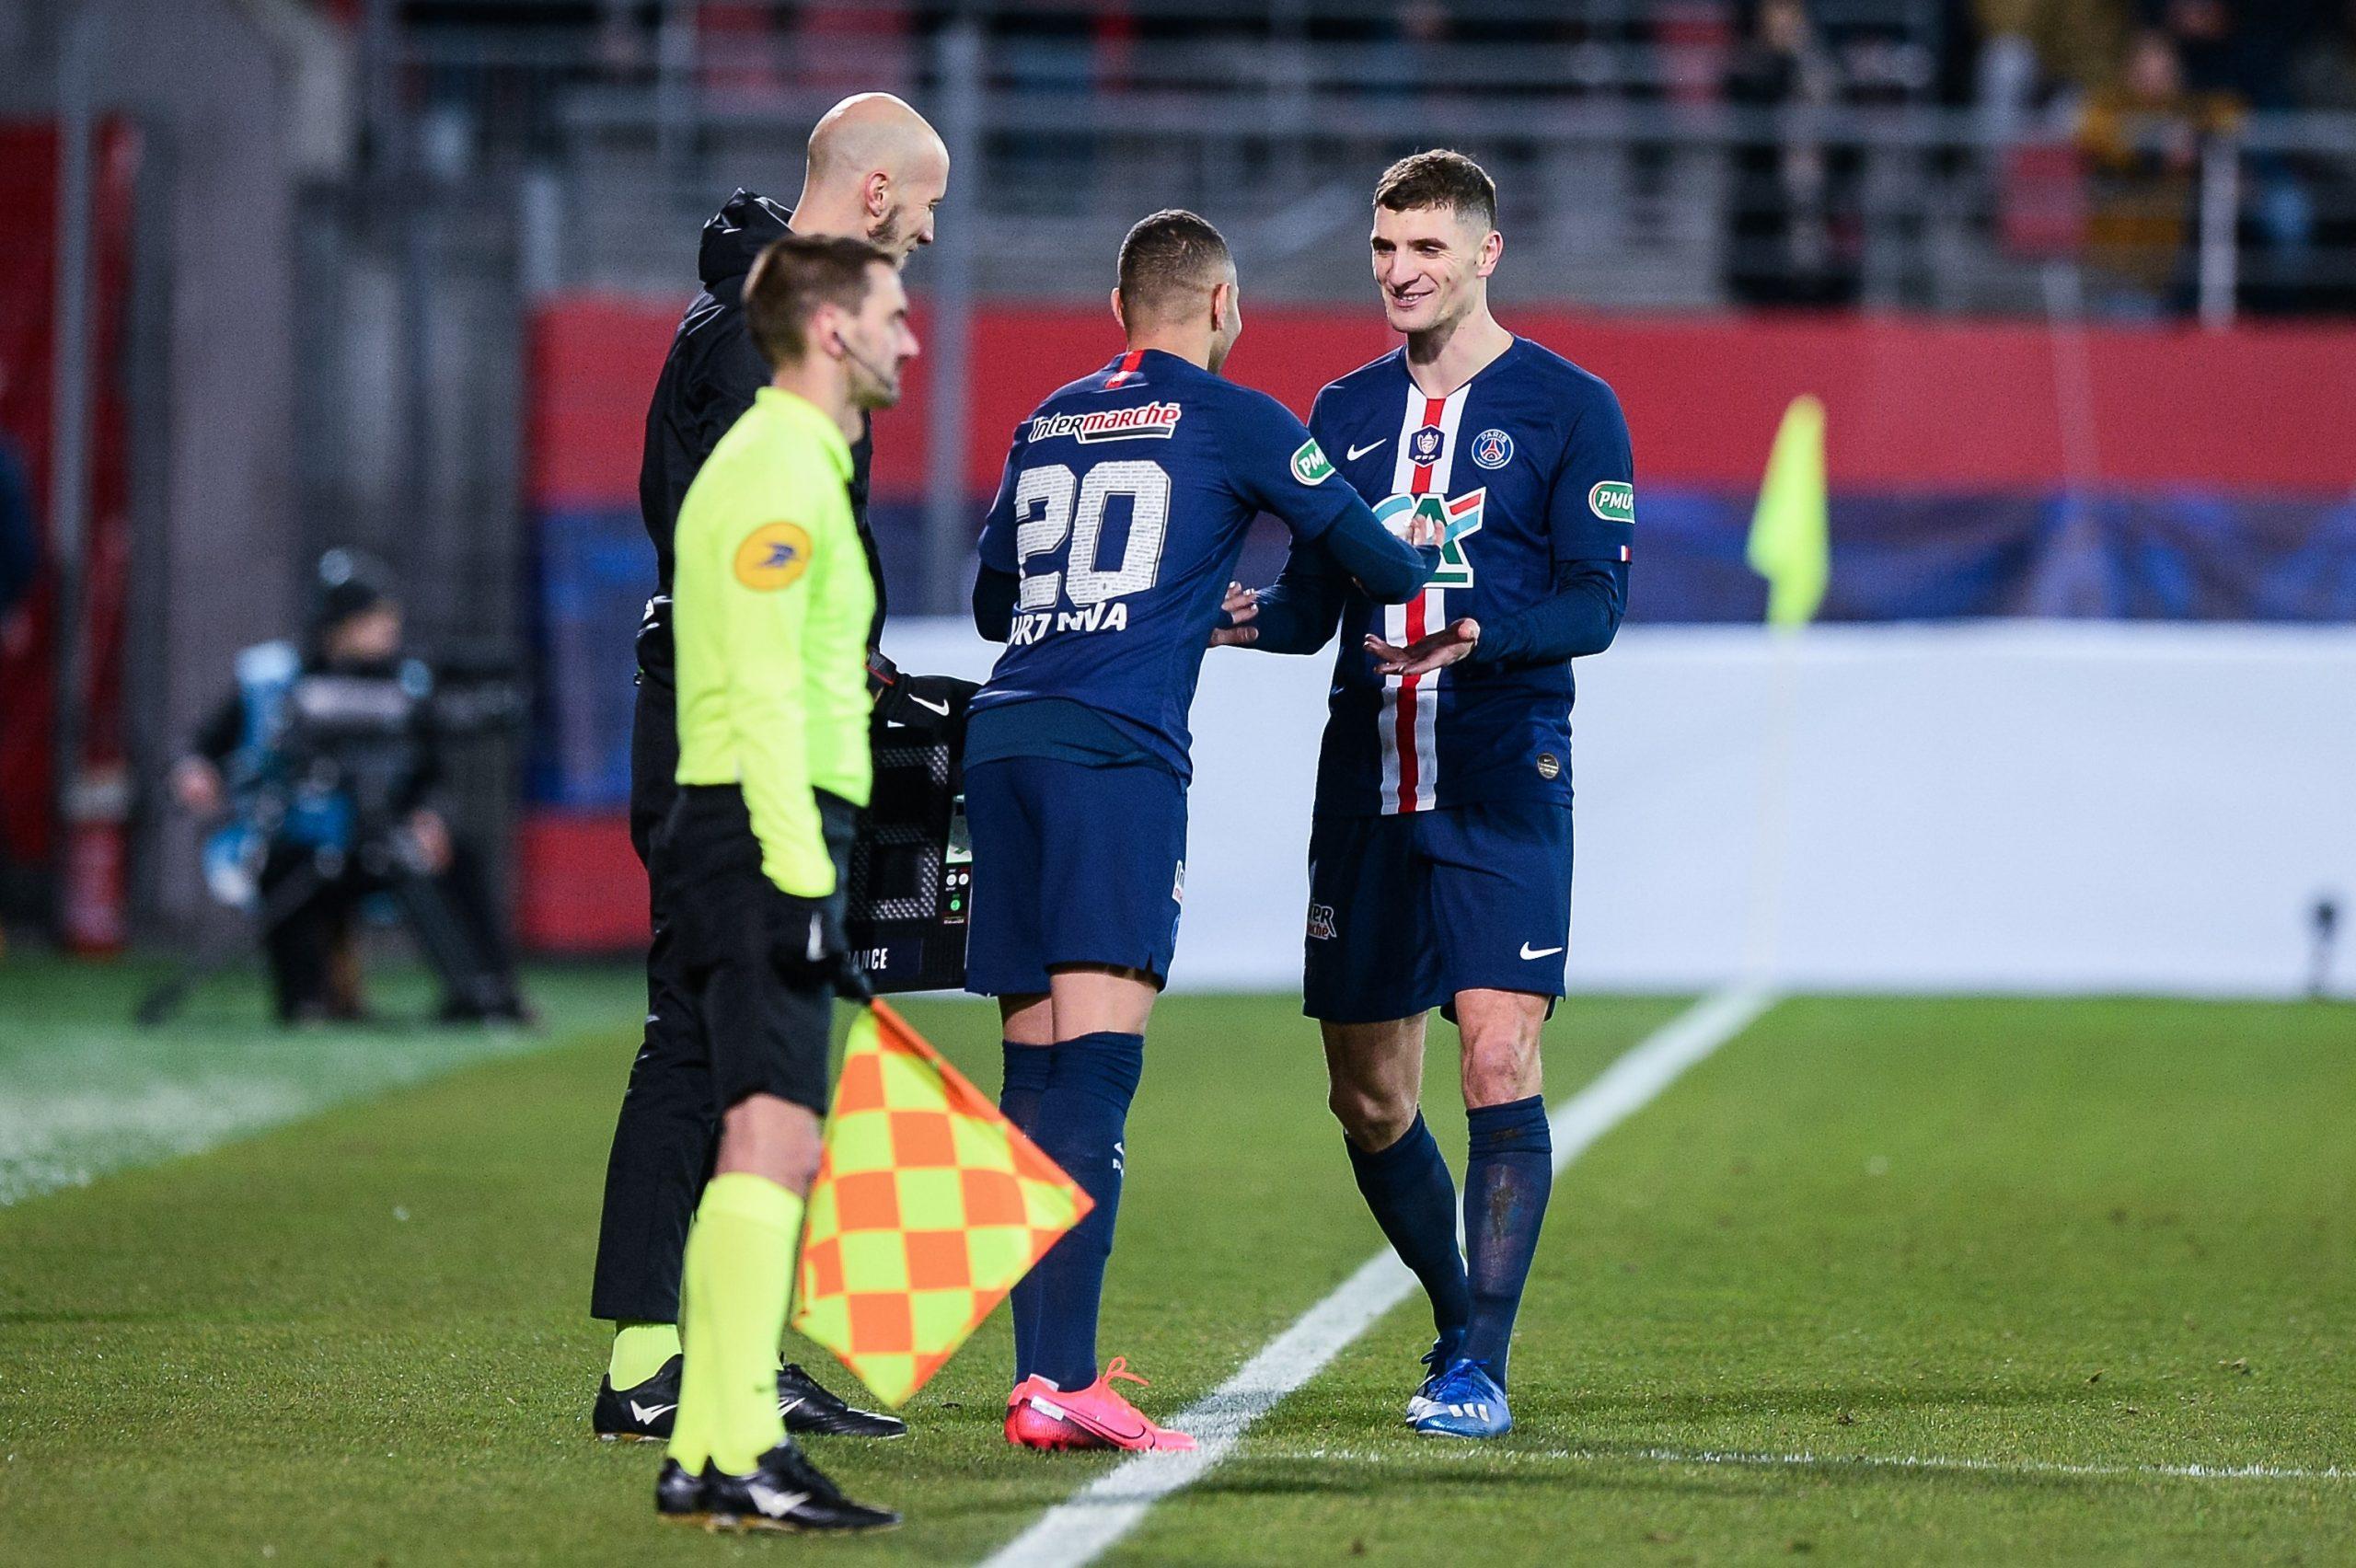 Mercato - Kurzawa, Meunier et Cavani intéressent l'Inter, La Gazzetta dello Sport fait le point